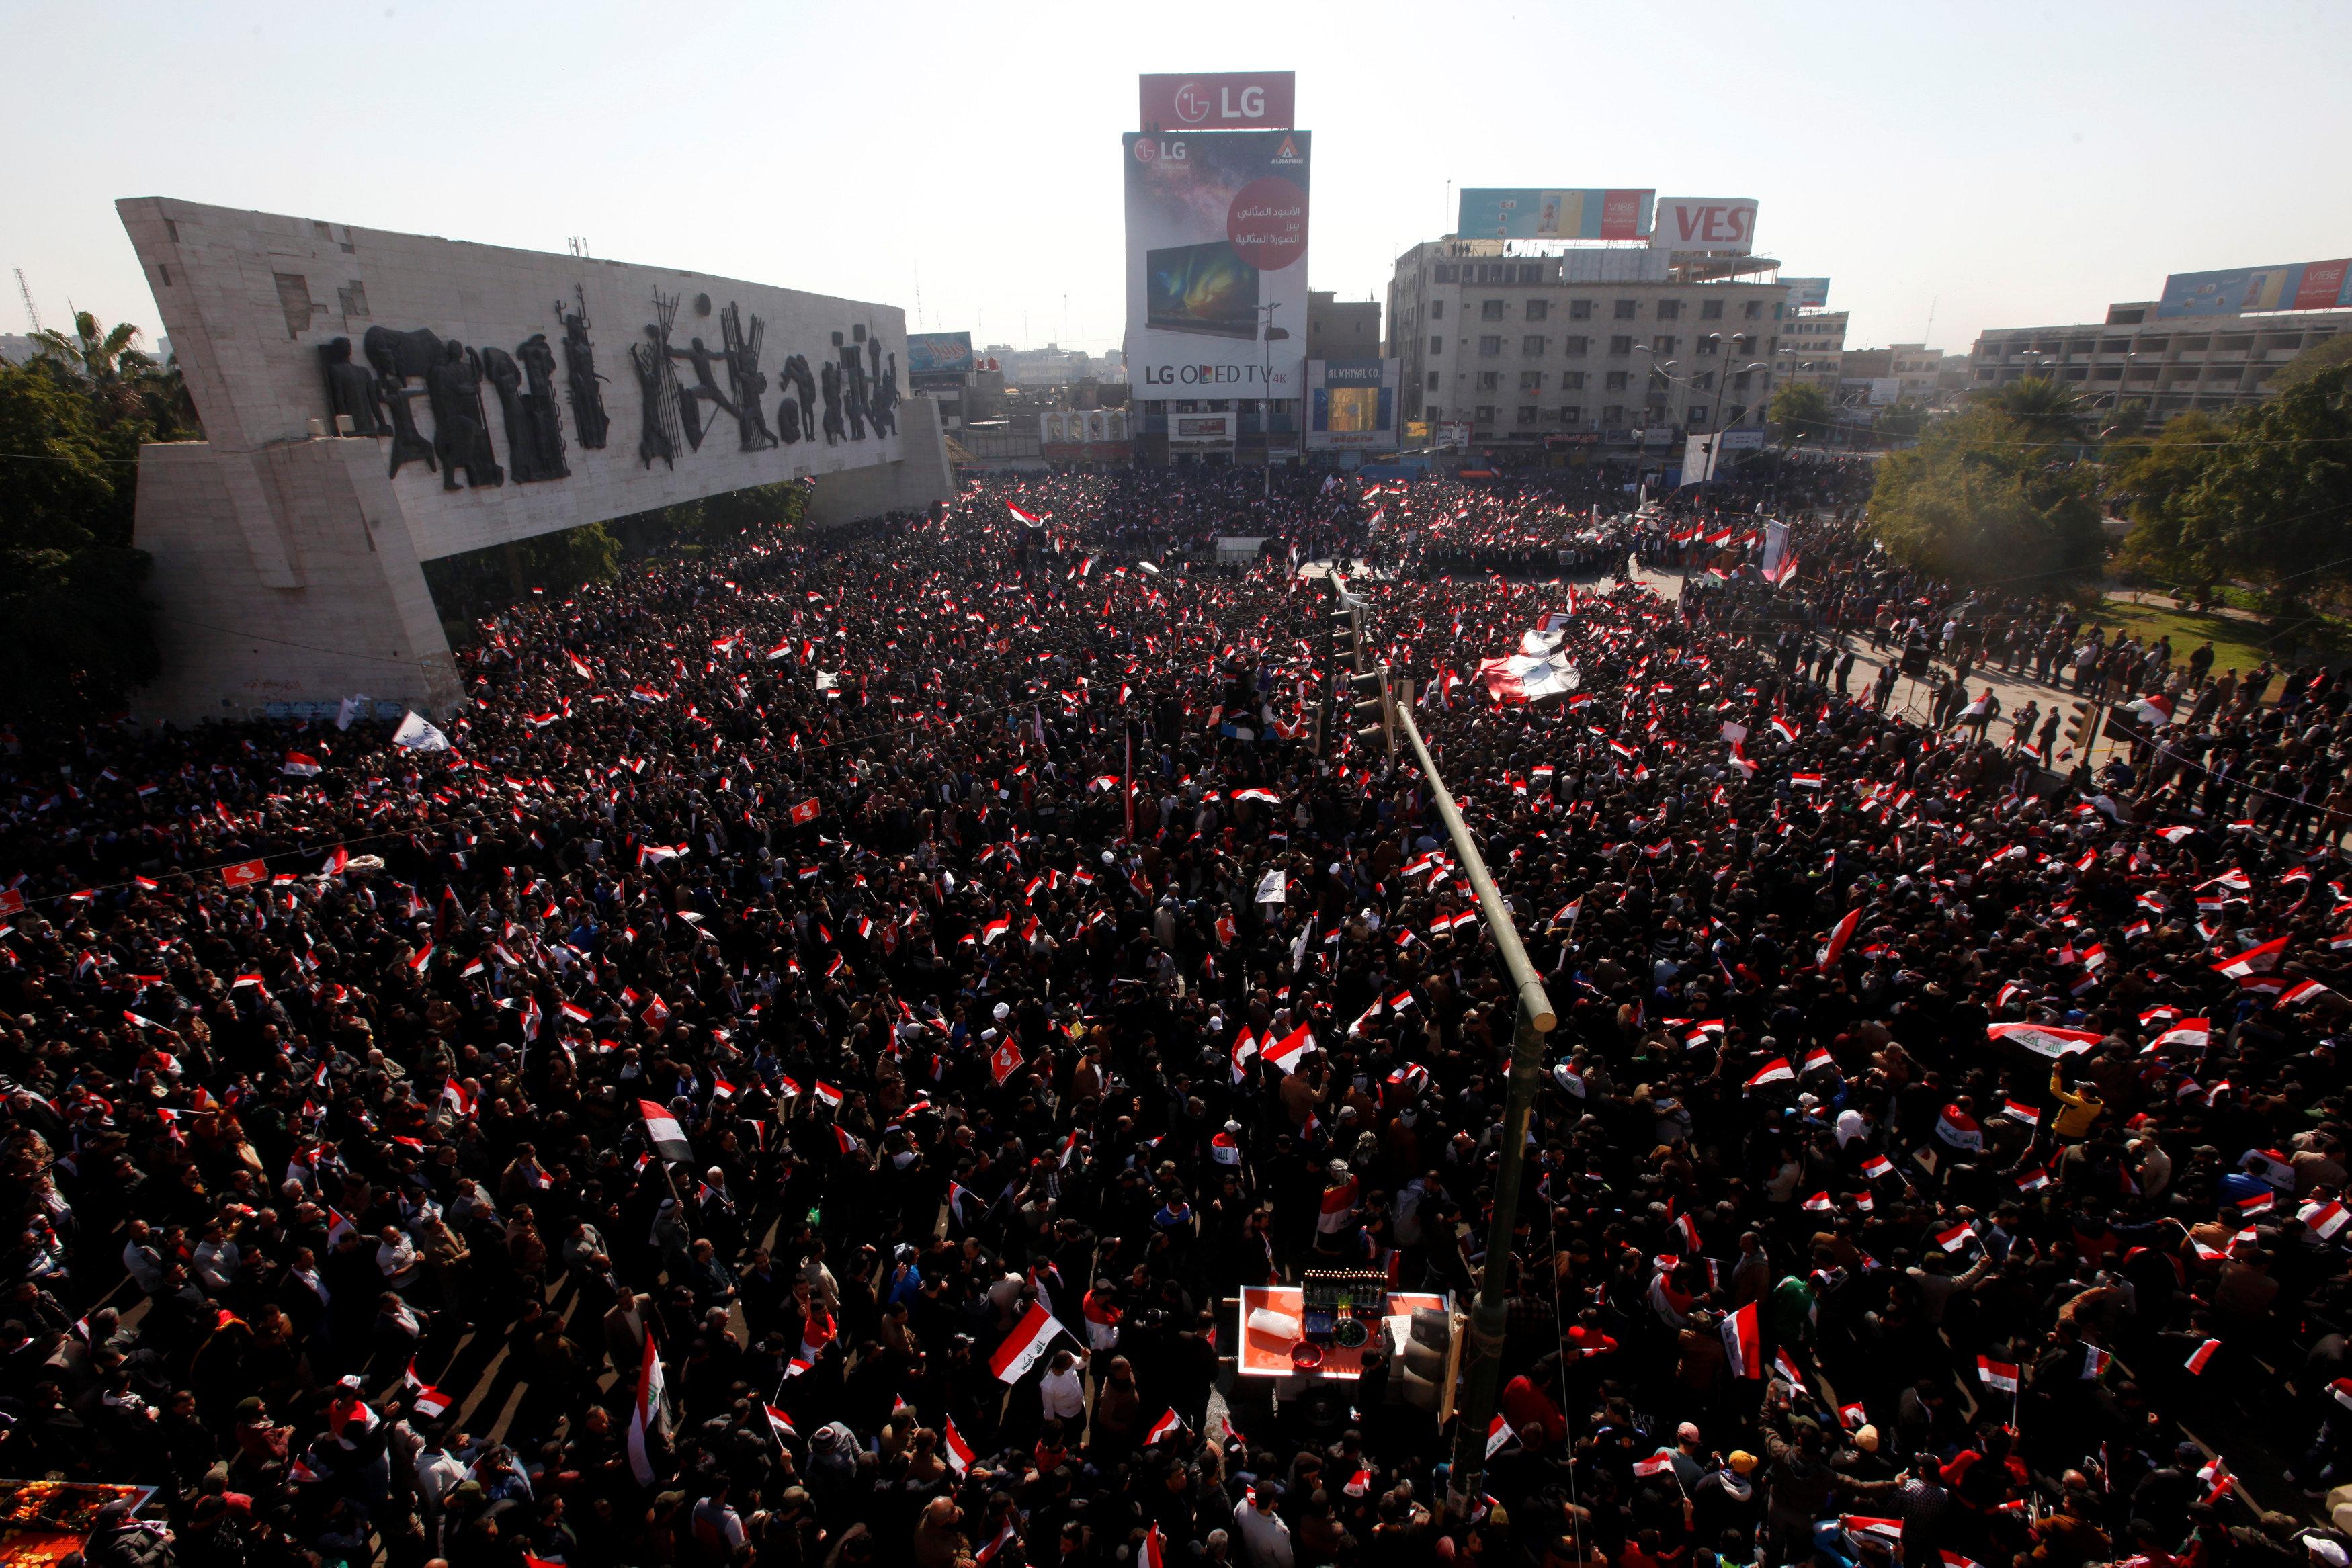 مظاهرات ضد الفساد في العراق تنتهي بصدامات مع قوات الامن